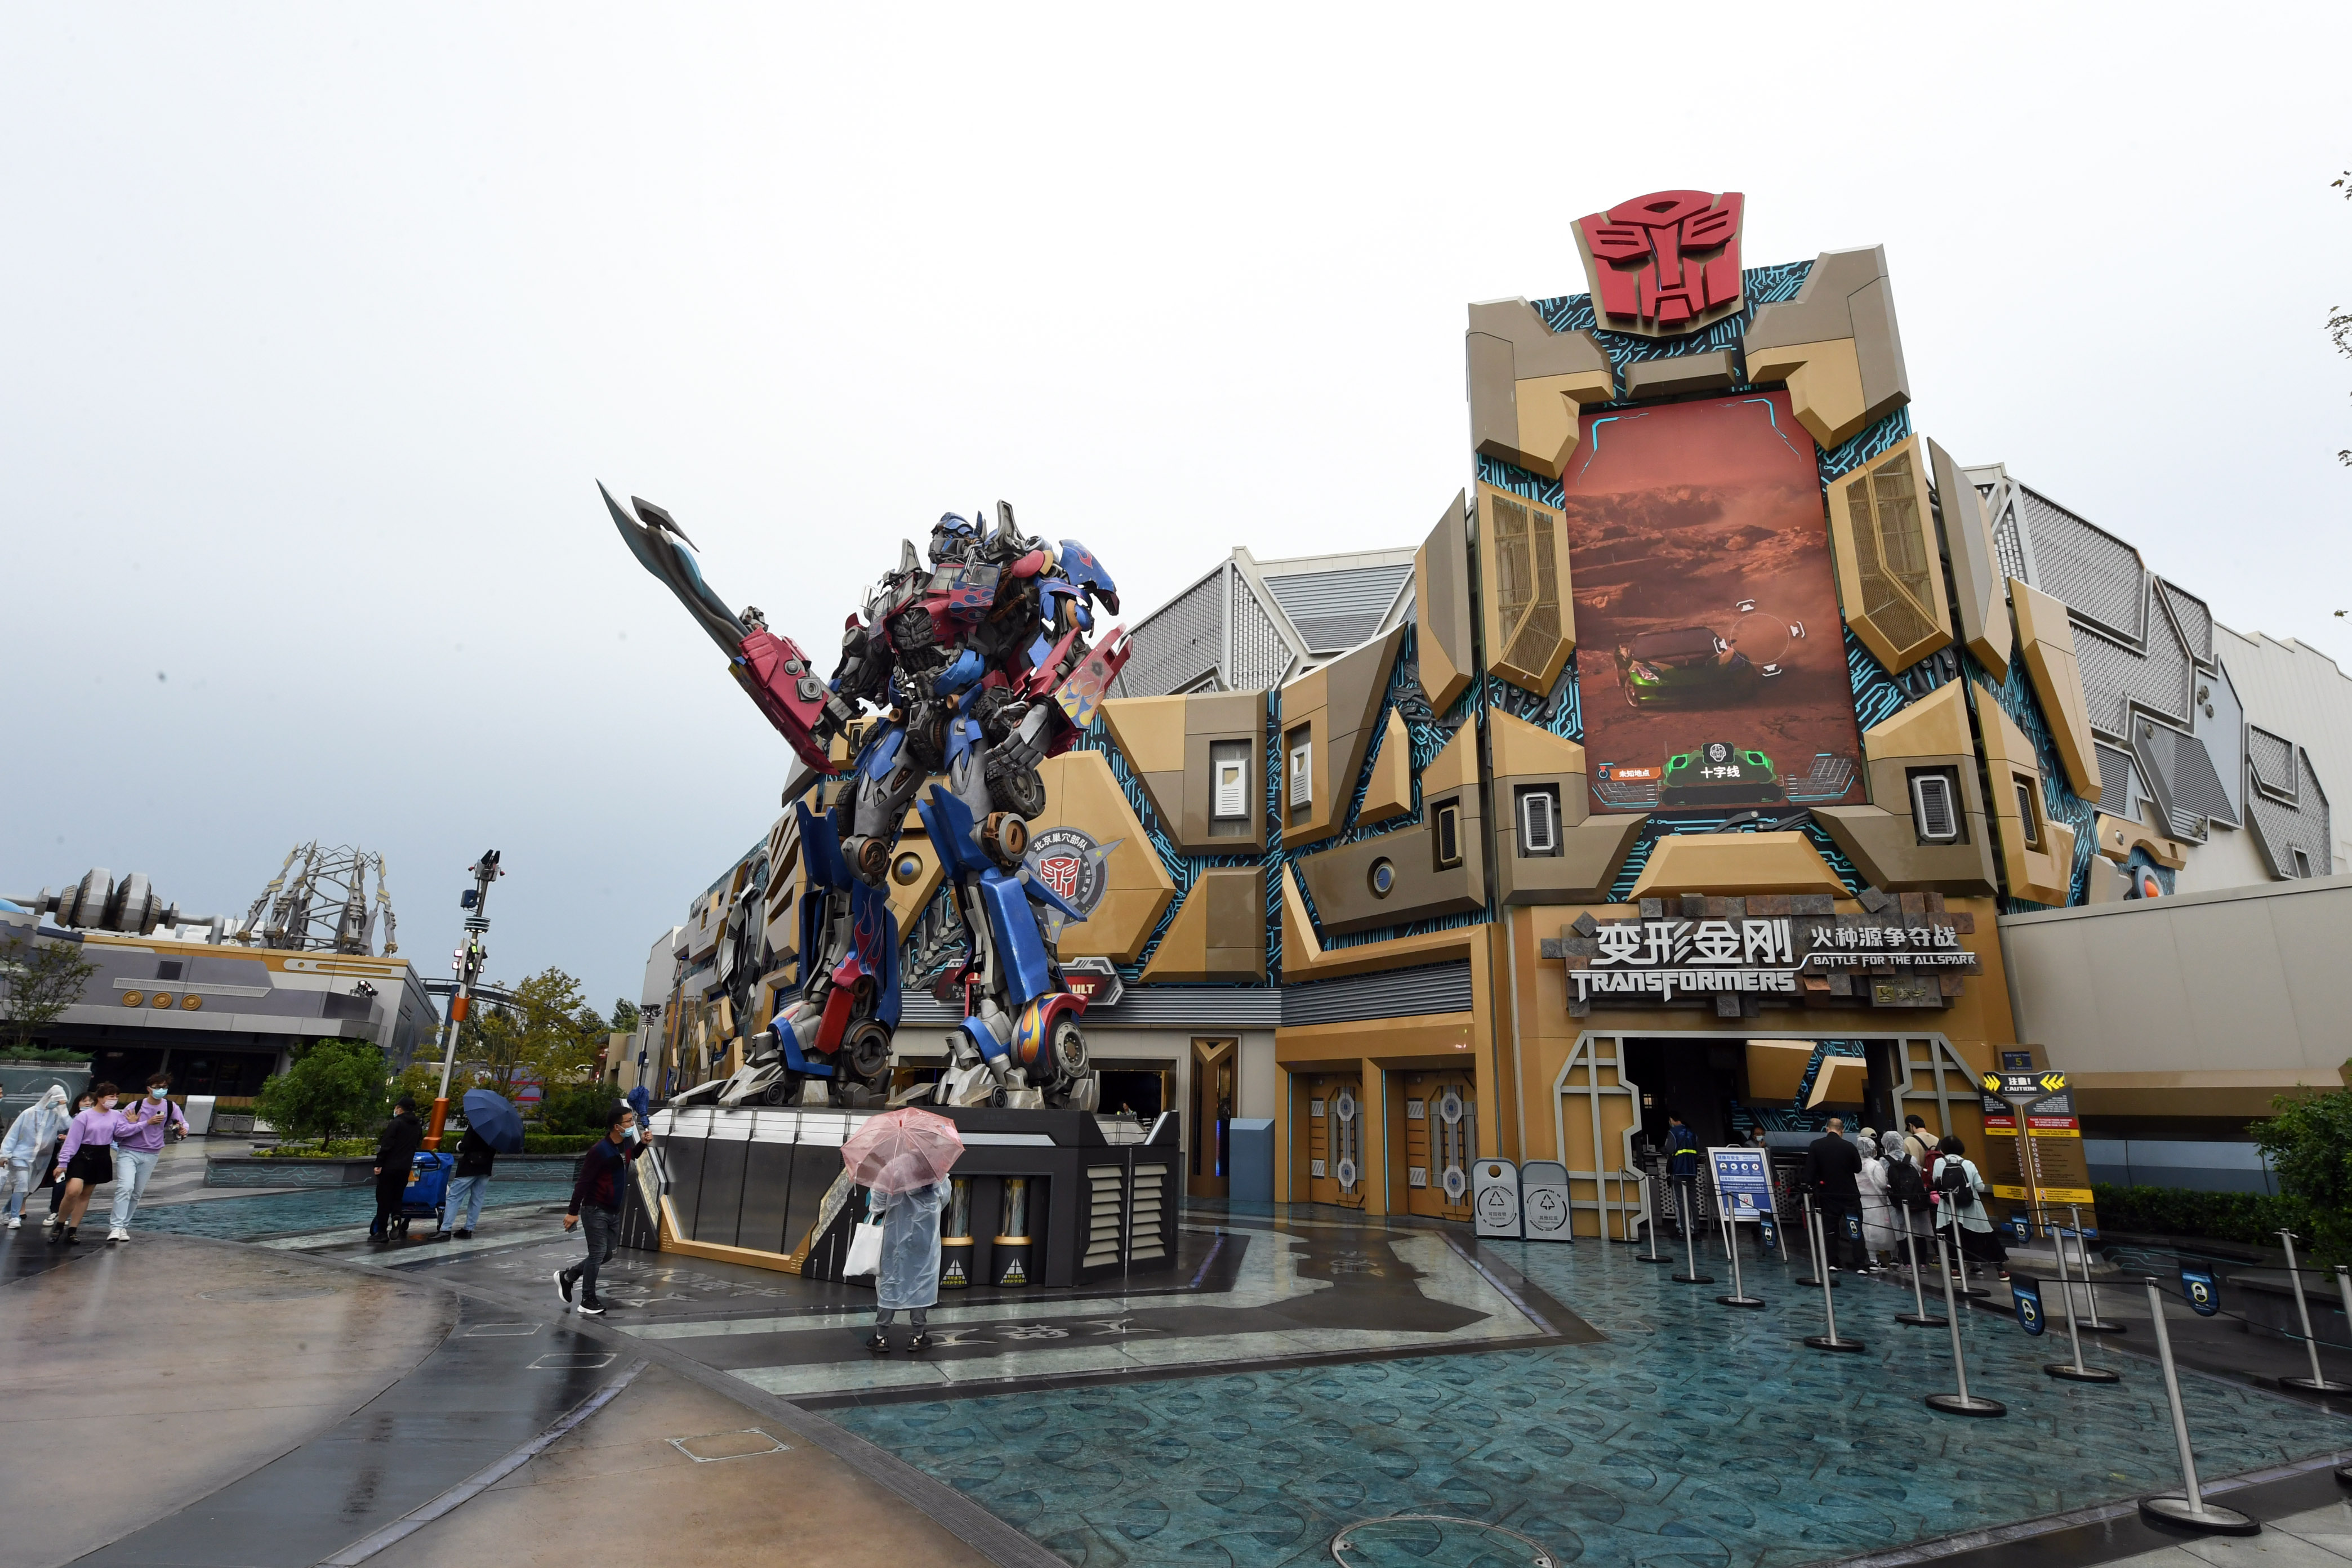 环球影城除利用经典电影吸引粉丝,也努力添加中文迎合中国消费者。新华社(photo:AppleDaily)